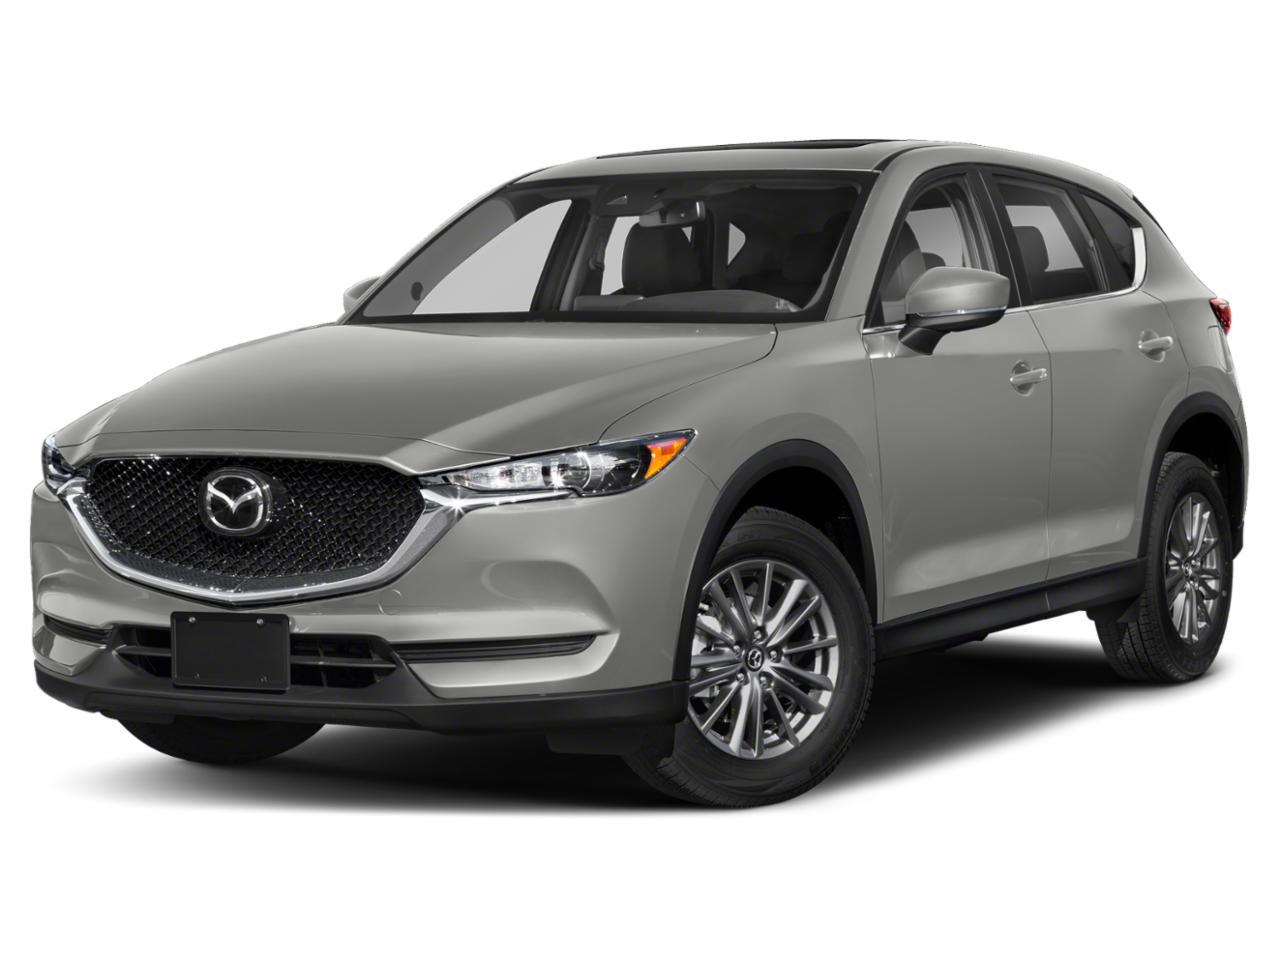 2020 Mazda CX-5 Vehicle Photo in ELGIN, TX 78621-4245